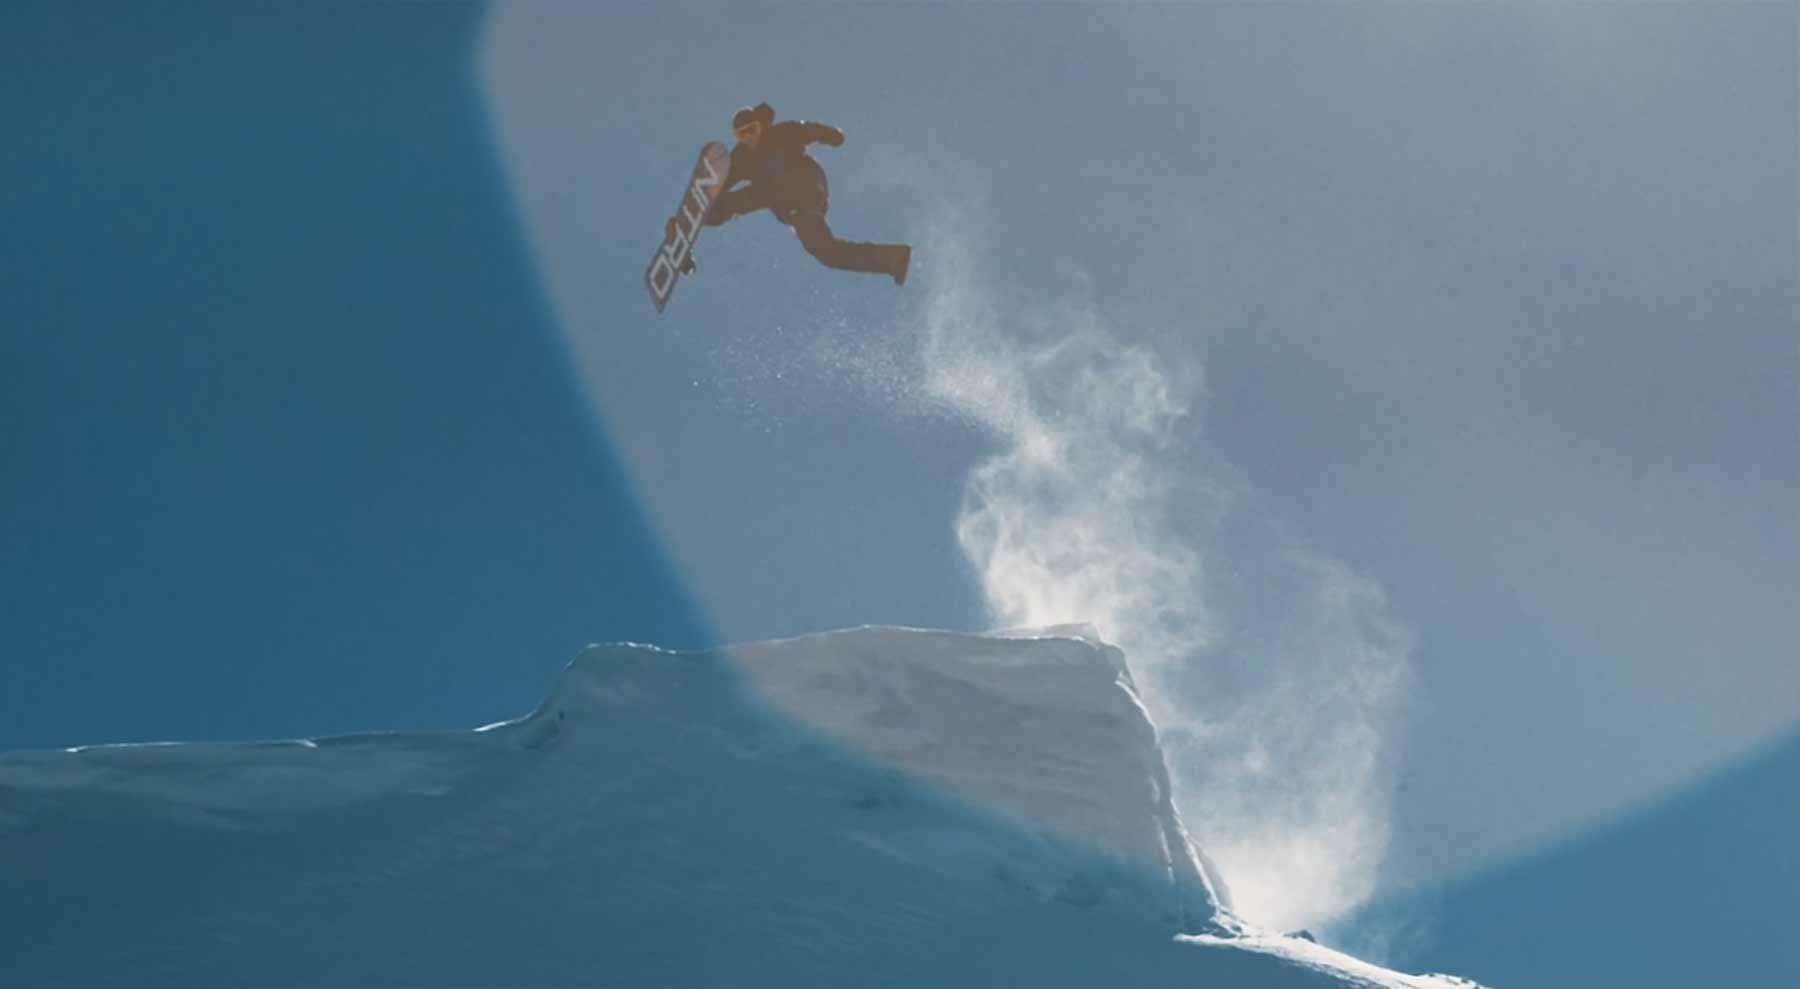 Snowboarding: Frozen Mind